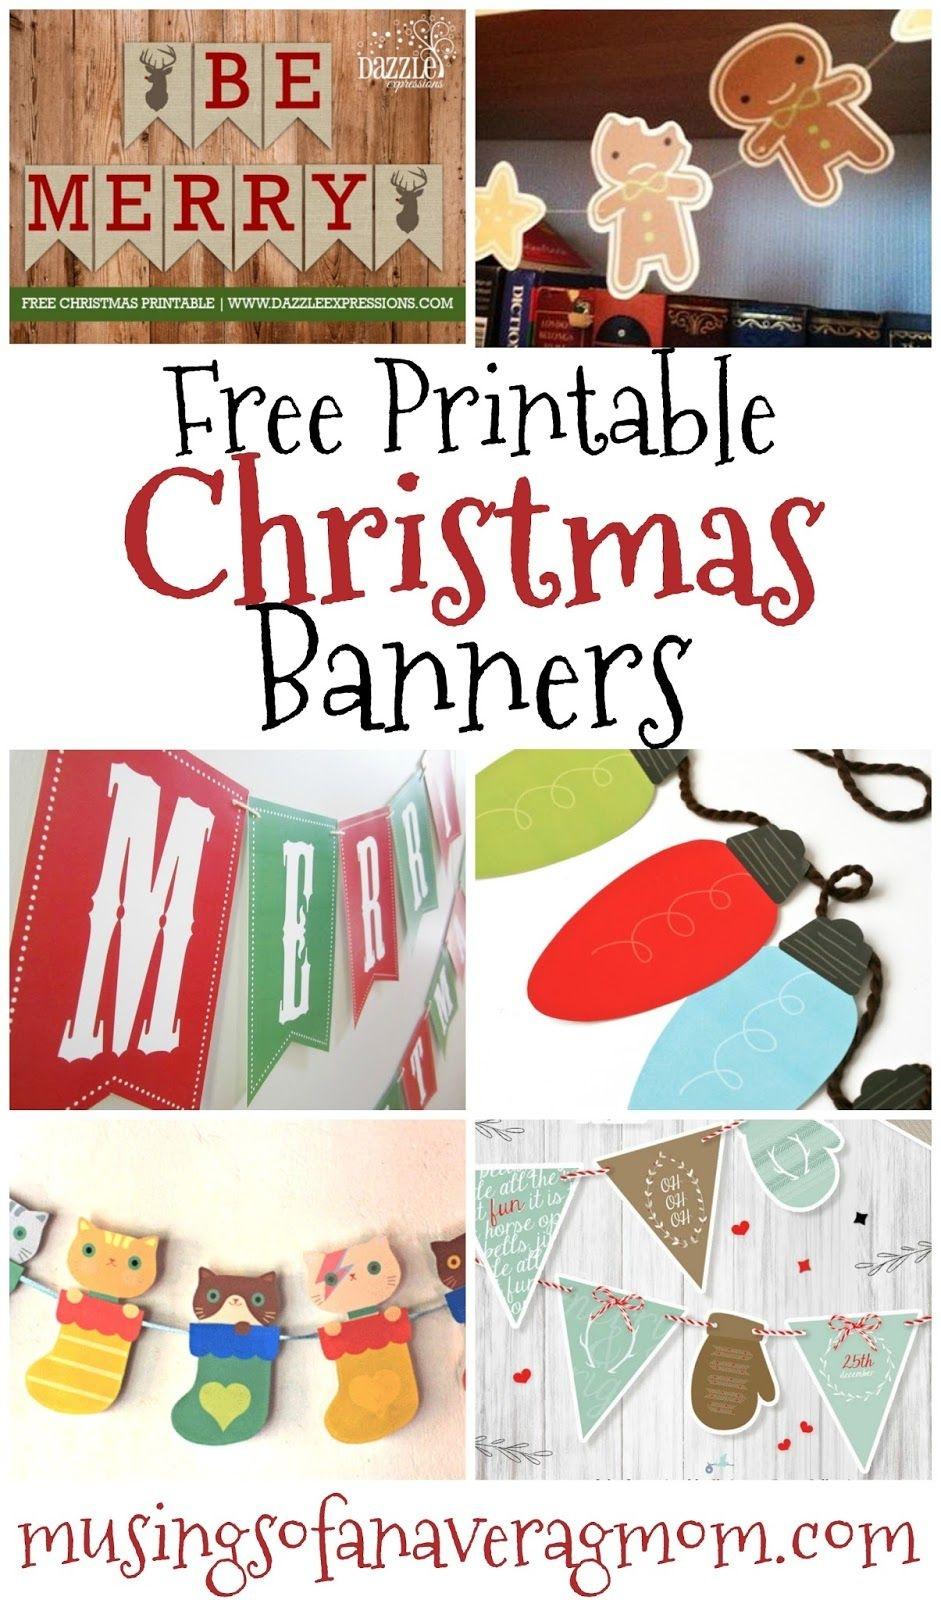 Free Printable Christmas Banners   Banner Letters   Free Christmas - Free Printable Christmas Decorations